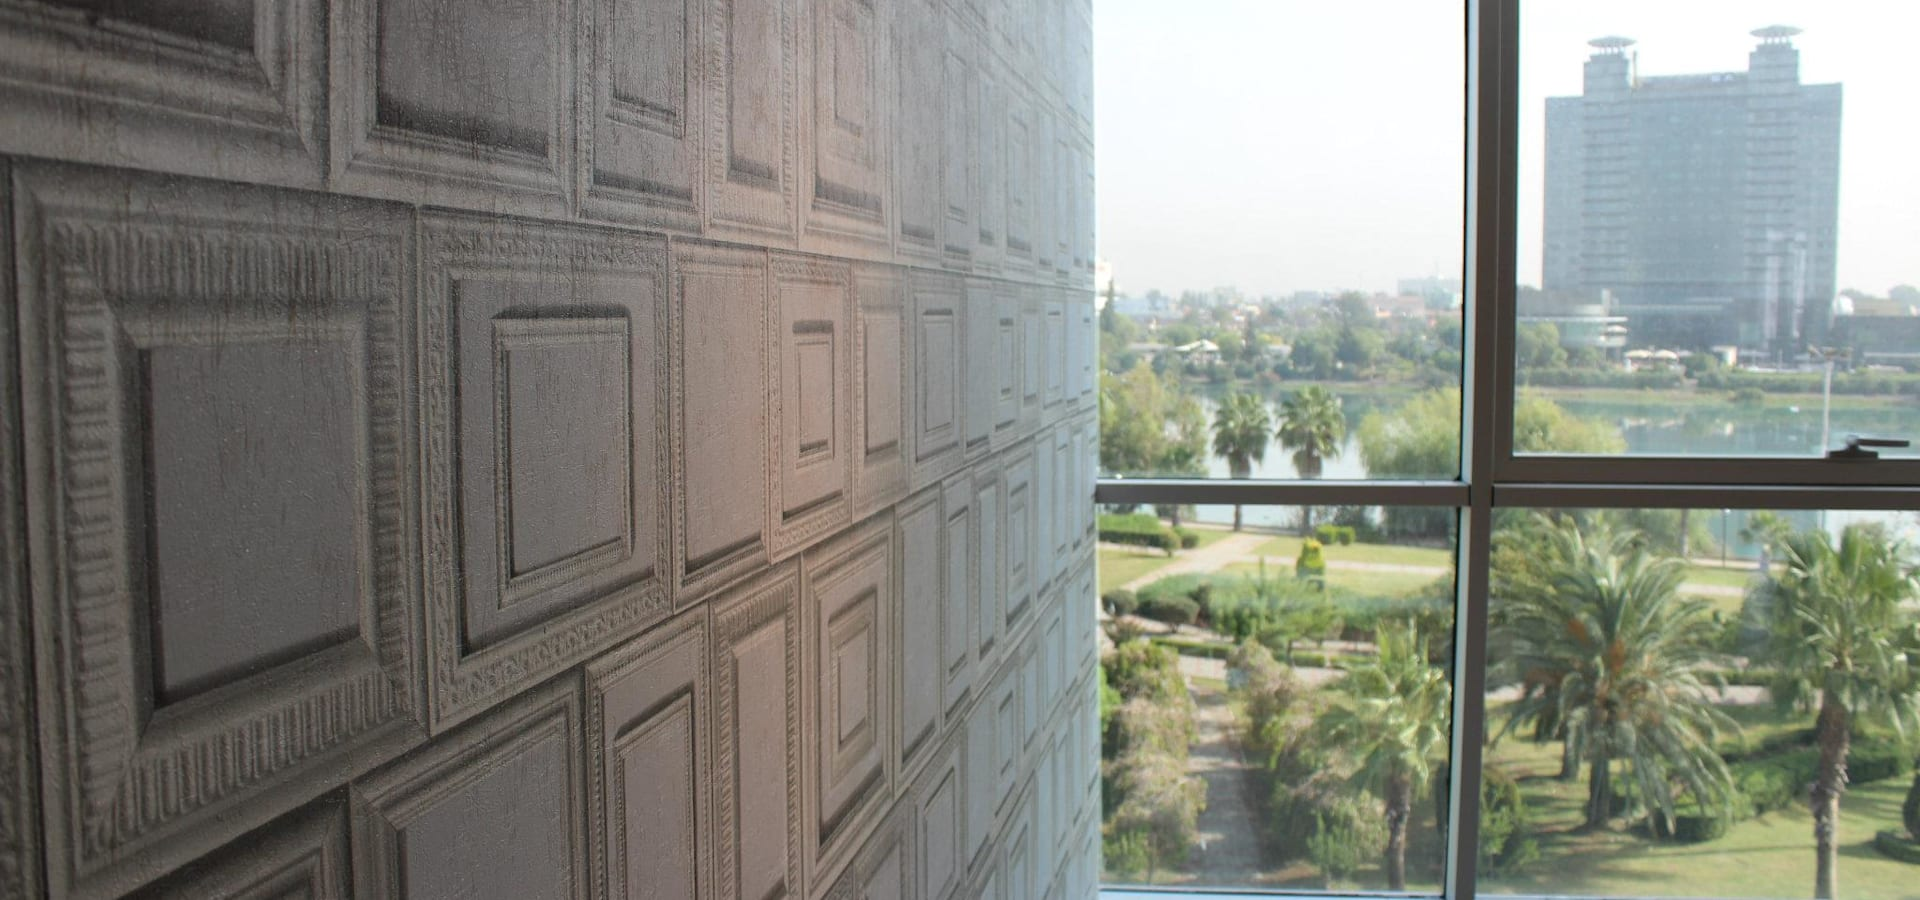 4 Duvar İthal Duvar Kağıtları & Parke